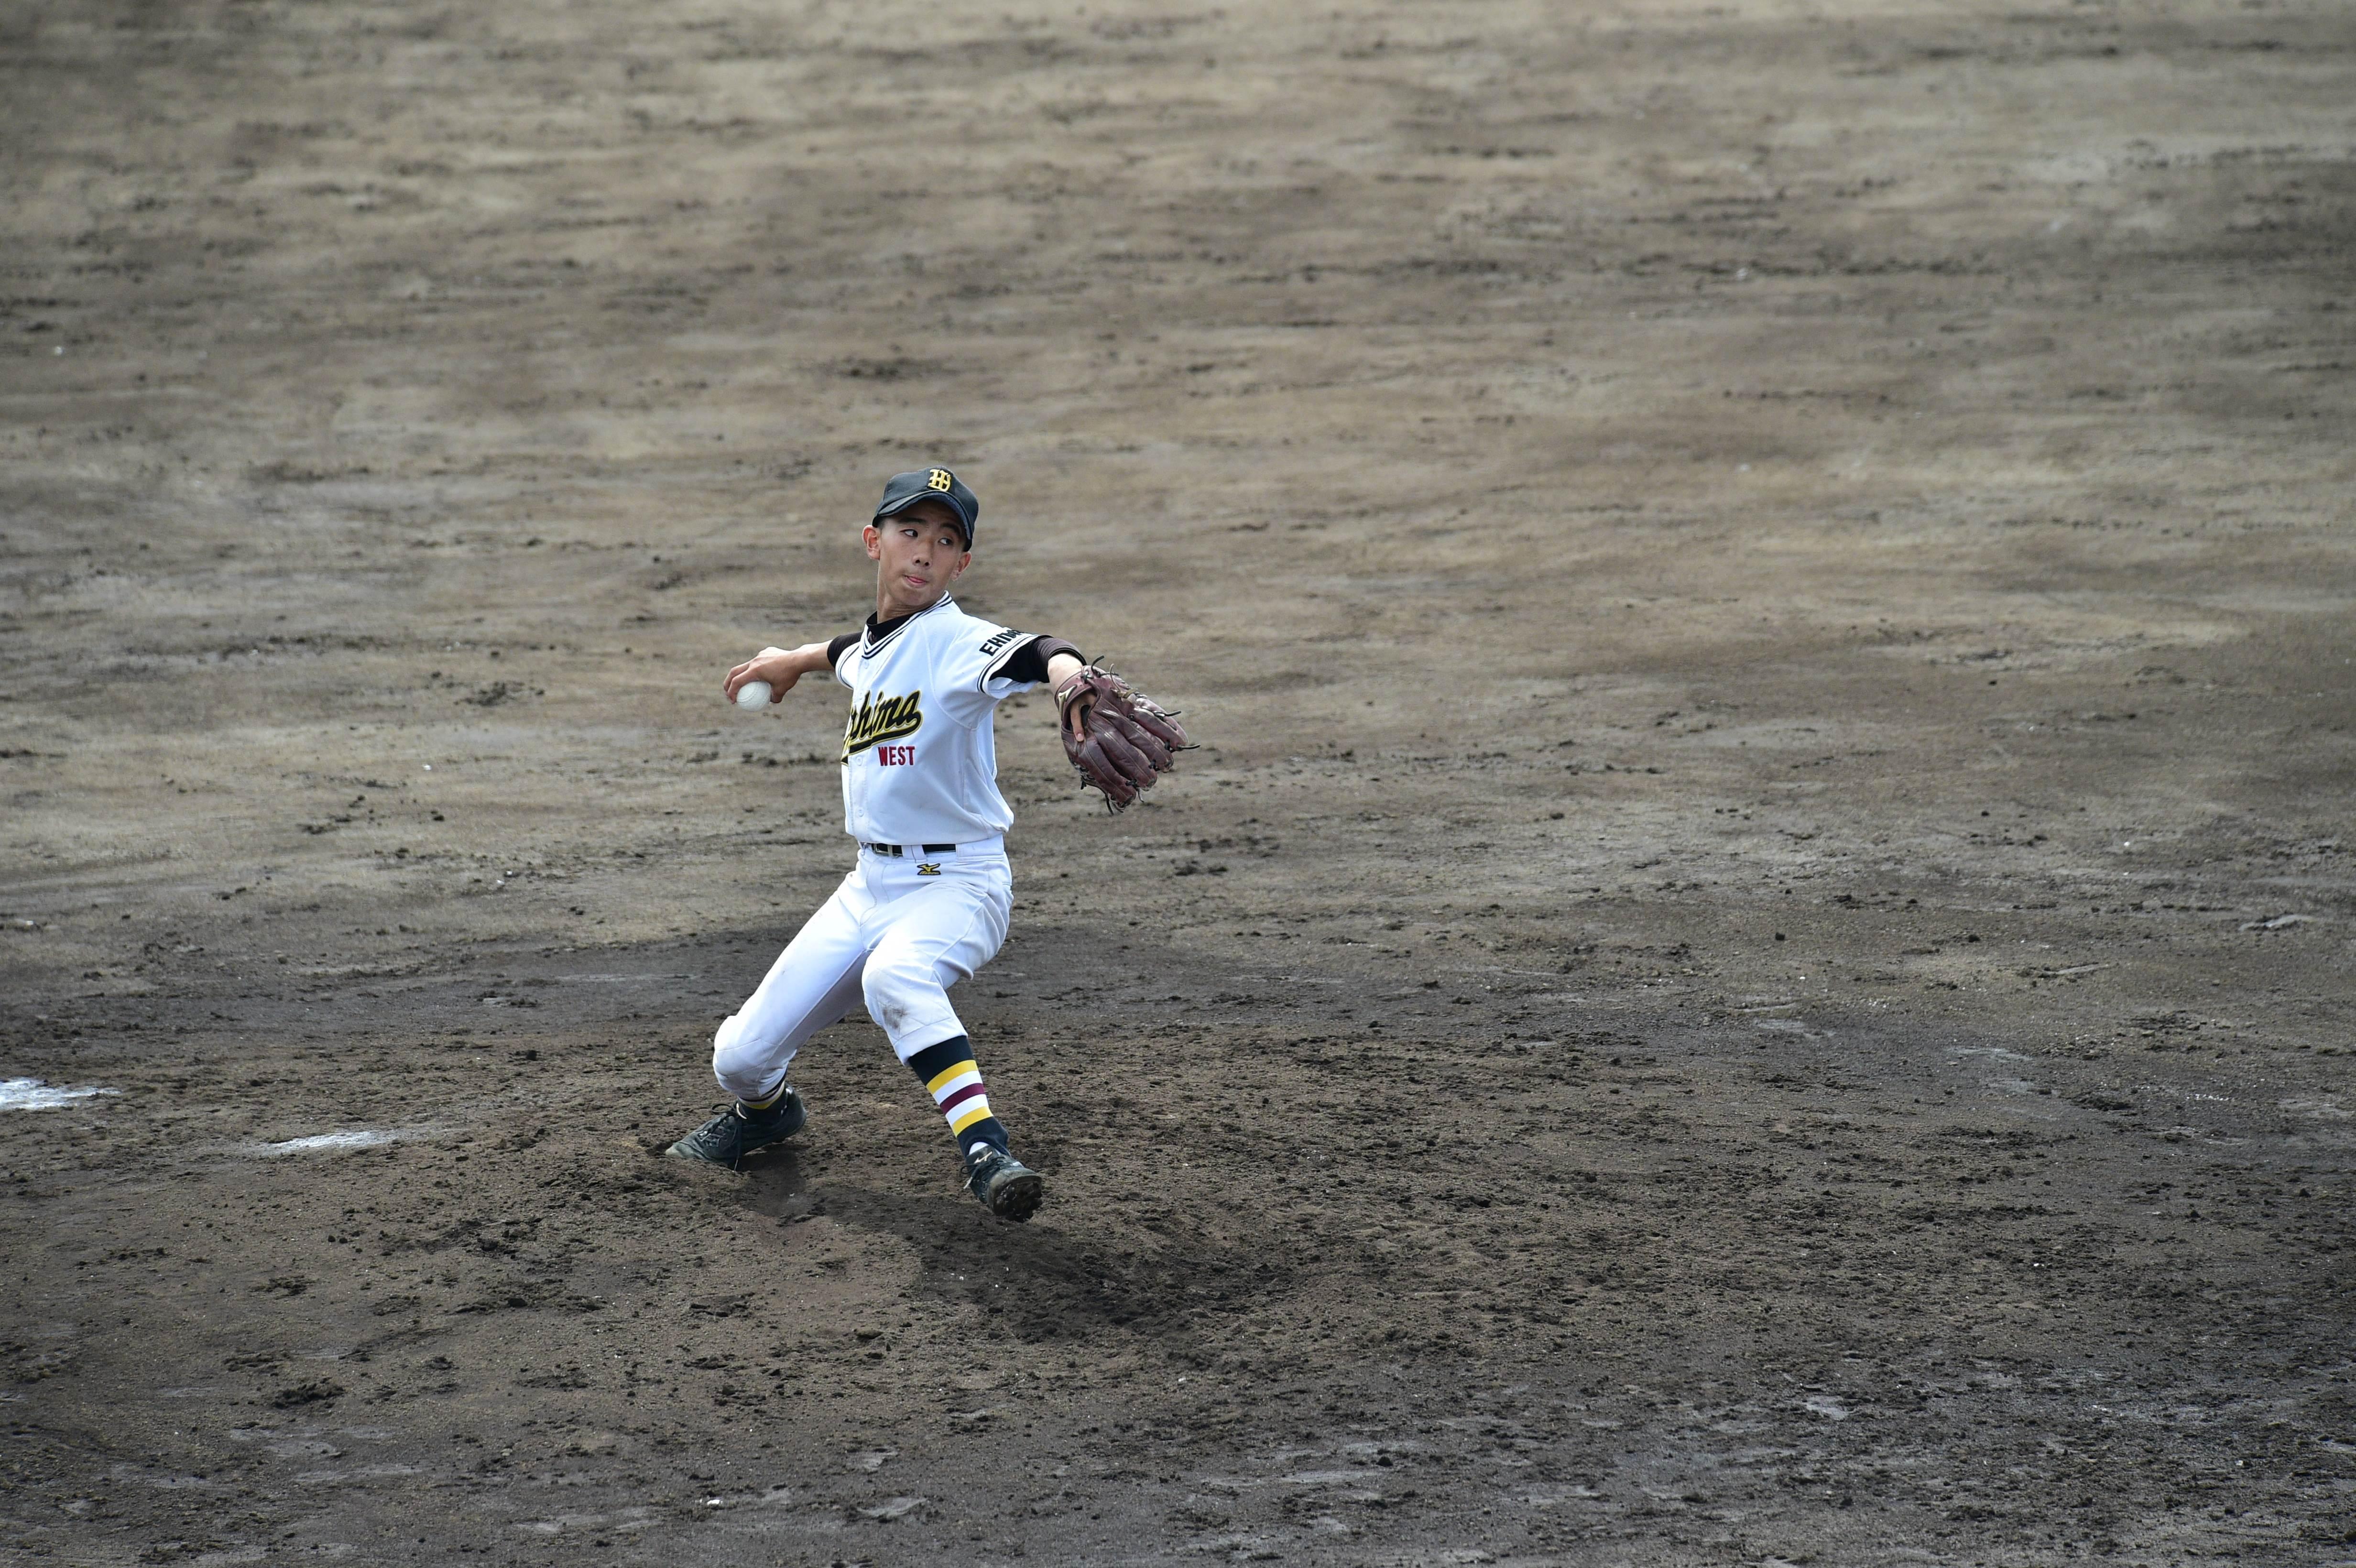 軟式野球 (185)